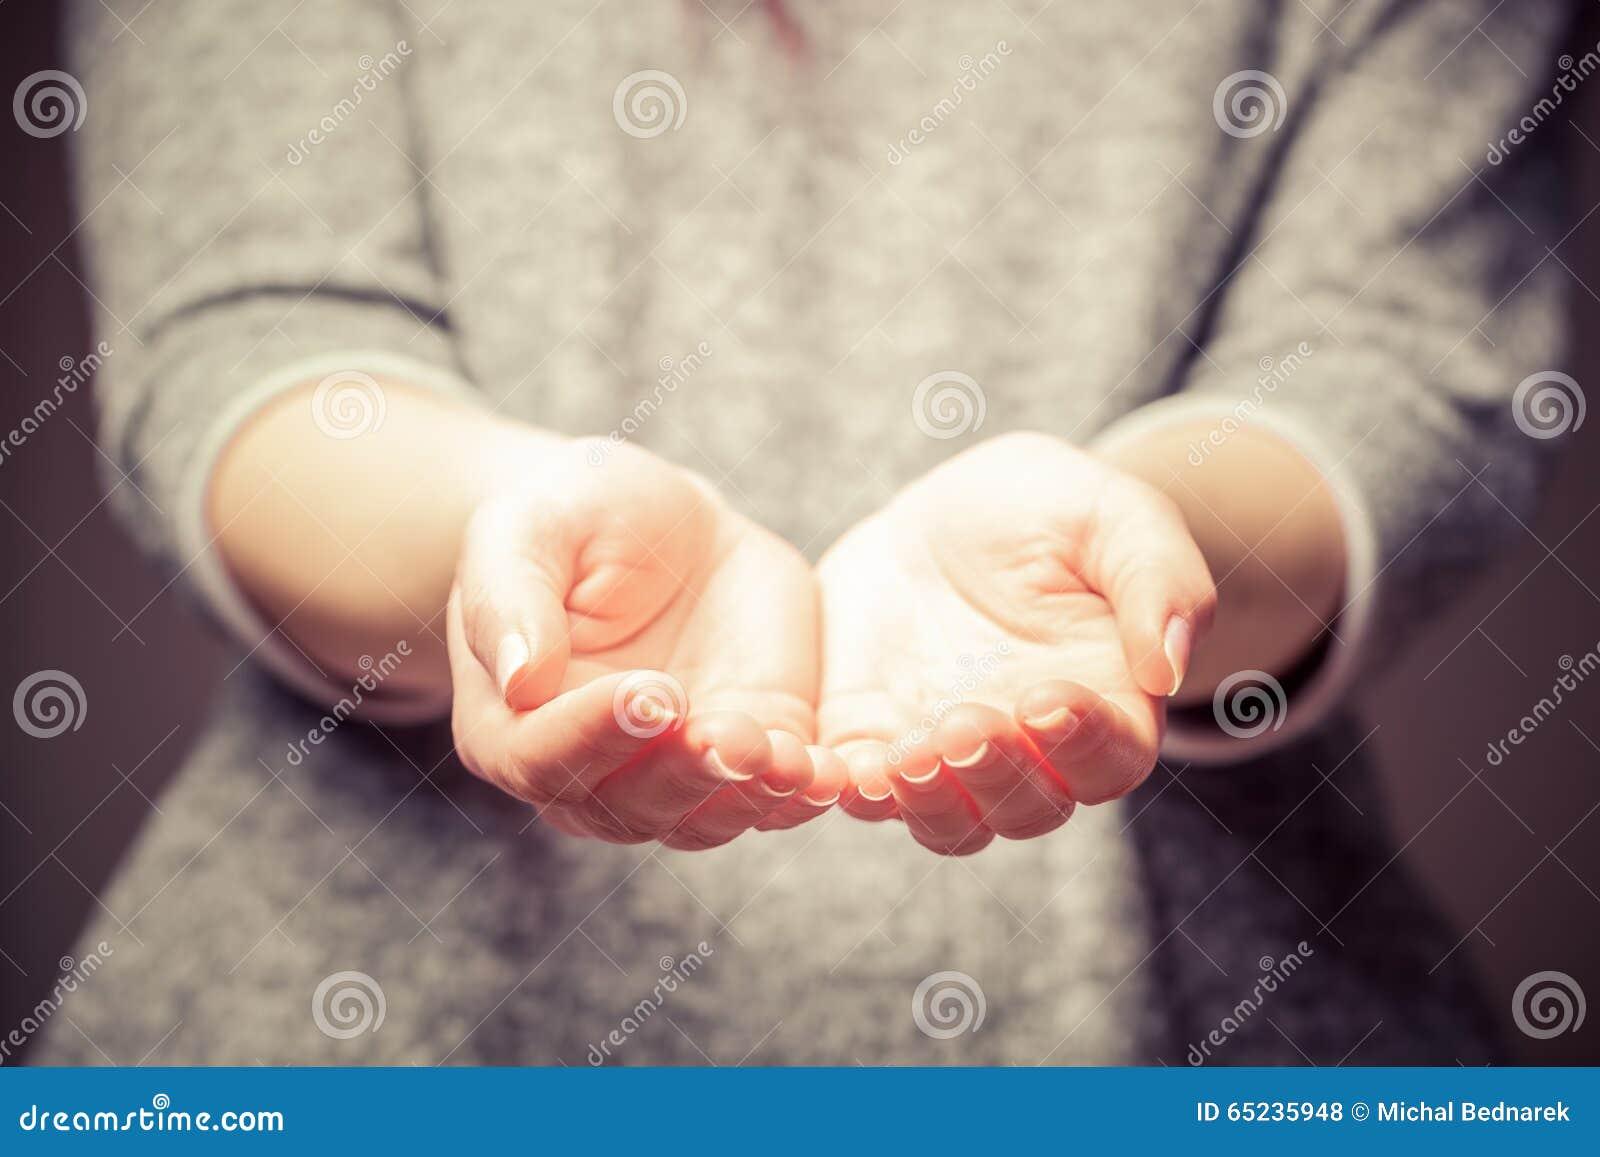 Φως στα χέρια της νέας γυναίκας Διανομή, δόσιμο, προσφορά, που παίρνει την προσοχή, προστασία